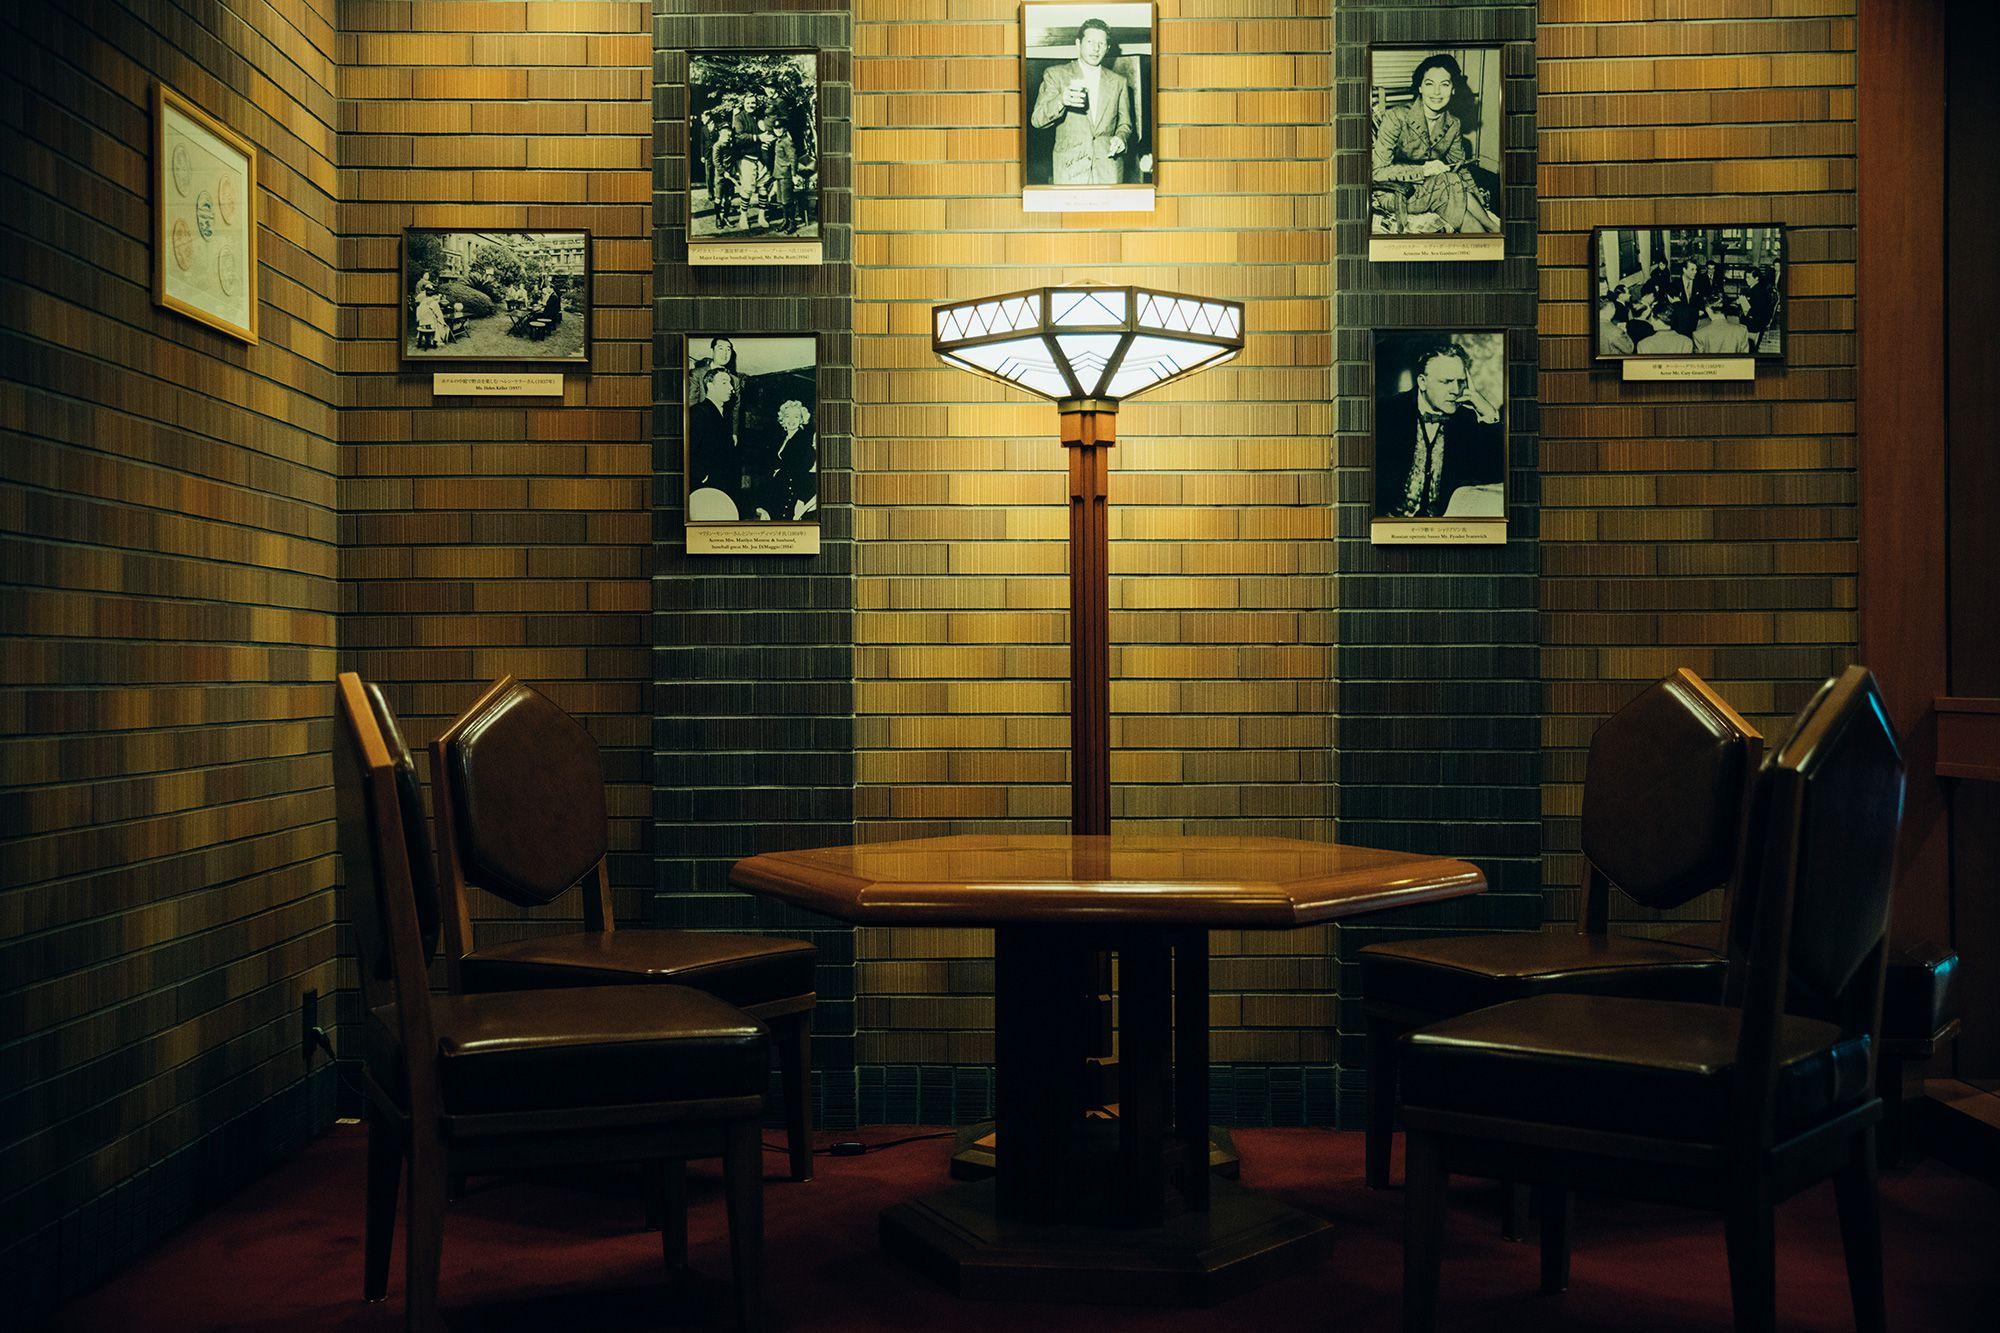 帝国ホテル 東京を訪れた歴史上のセレブリティの写真が飾られたコーナー。